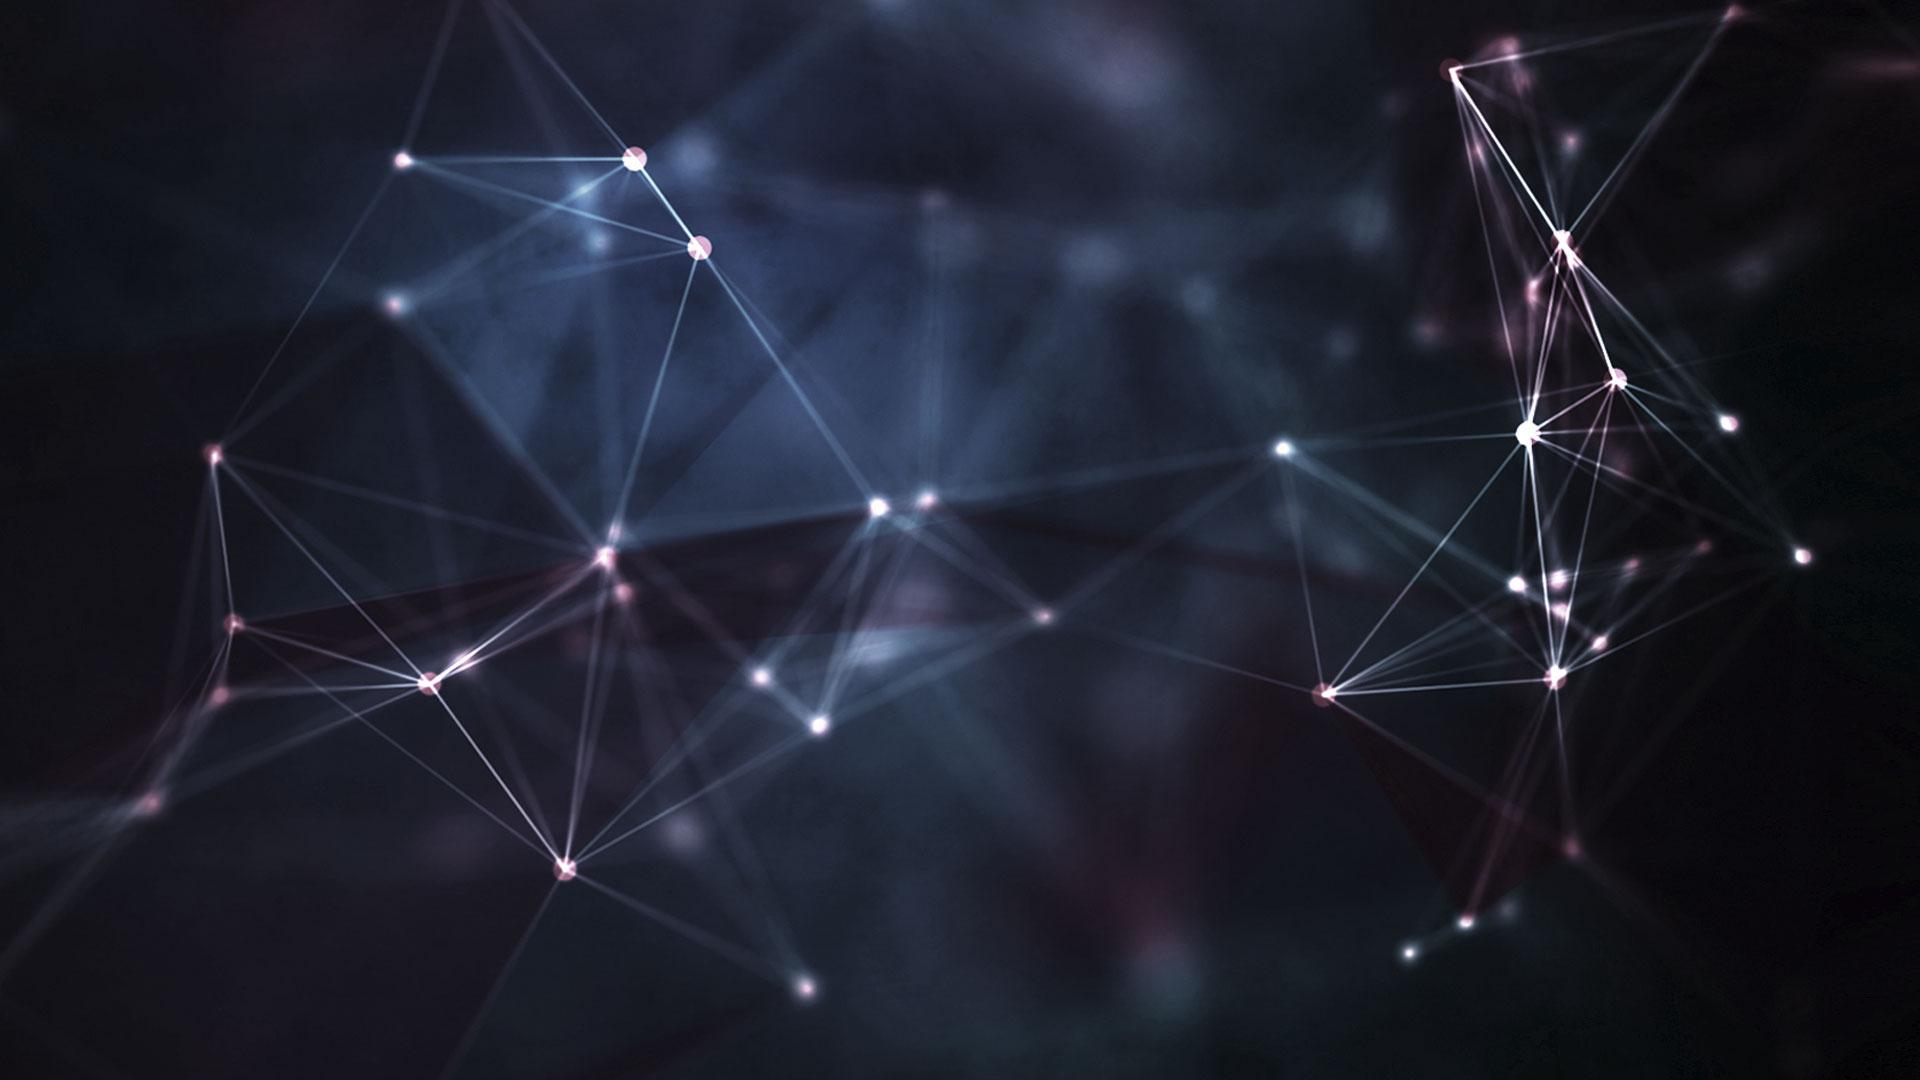 Using Azure for Data Analytics